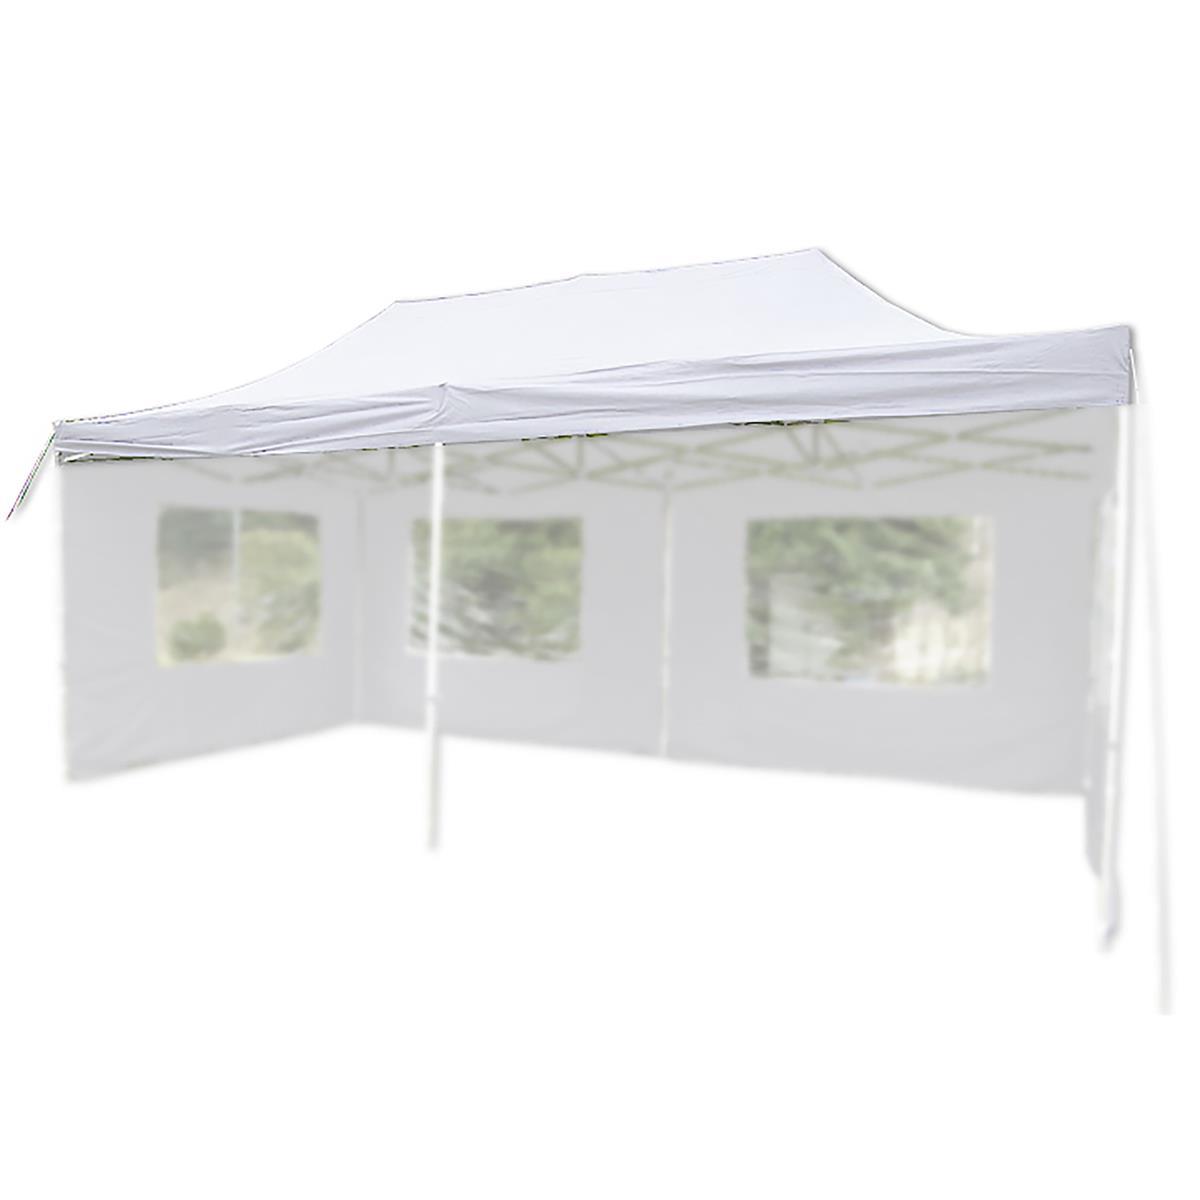 bílá střecha 3x6